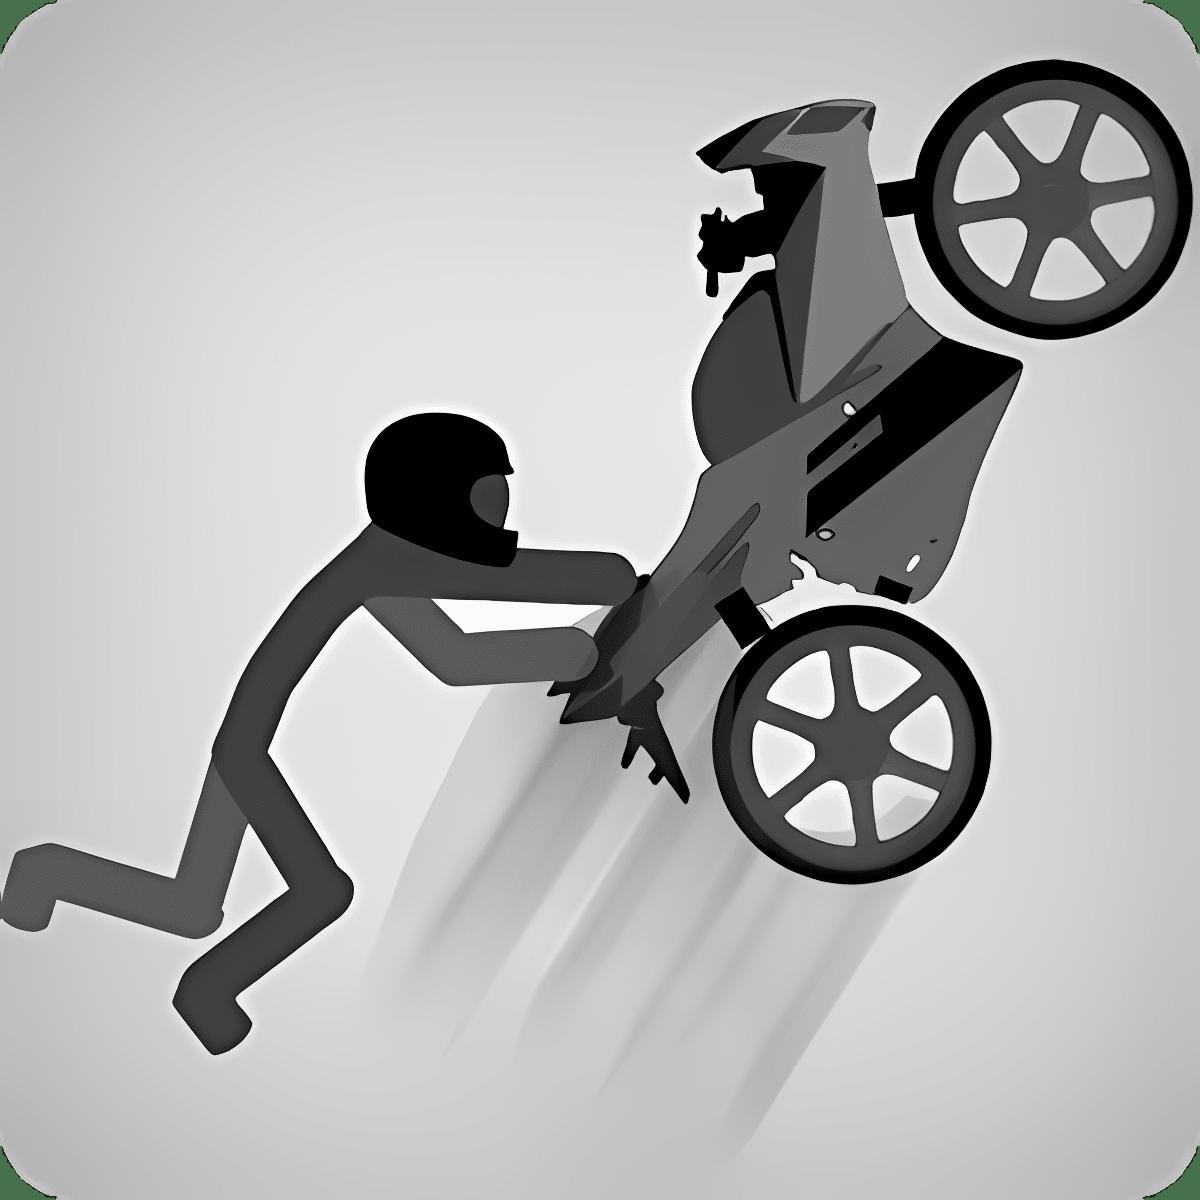 Stickman Racer Jump 1.0